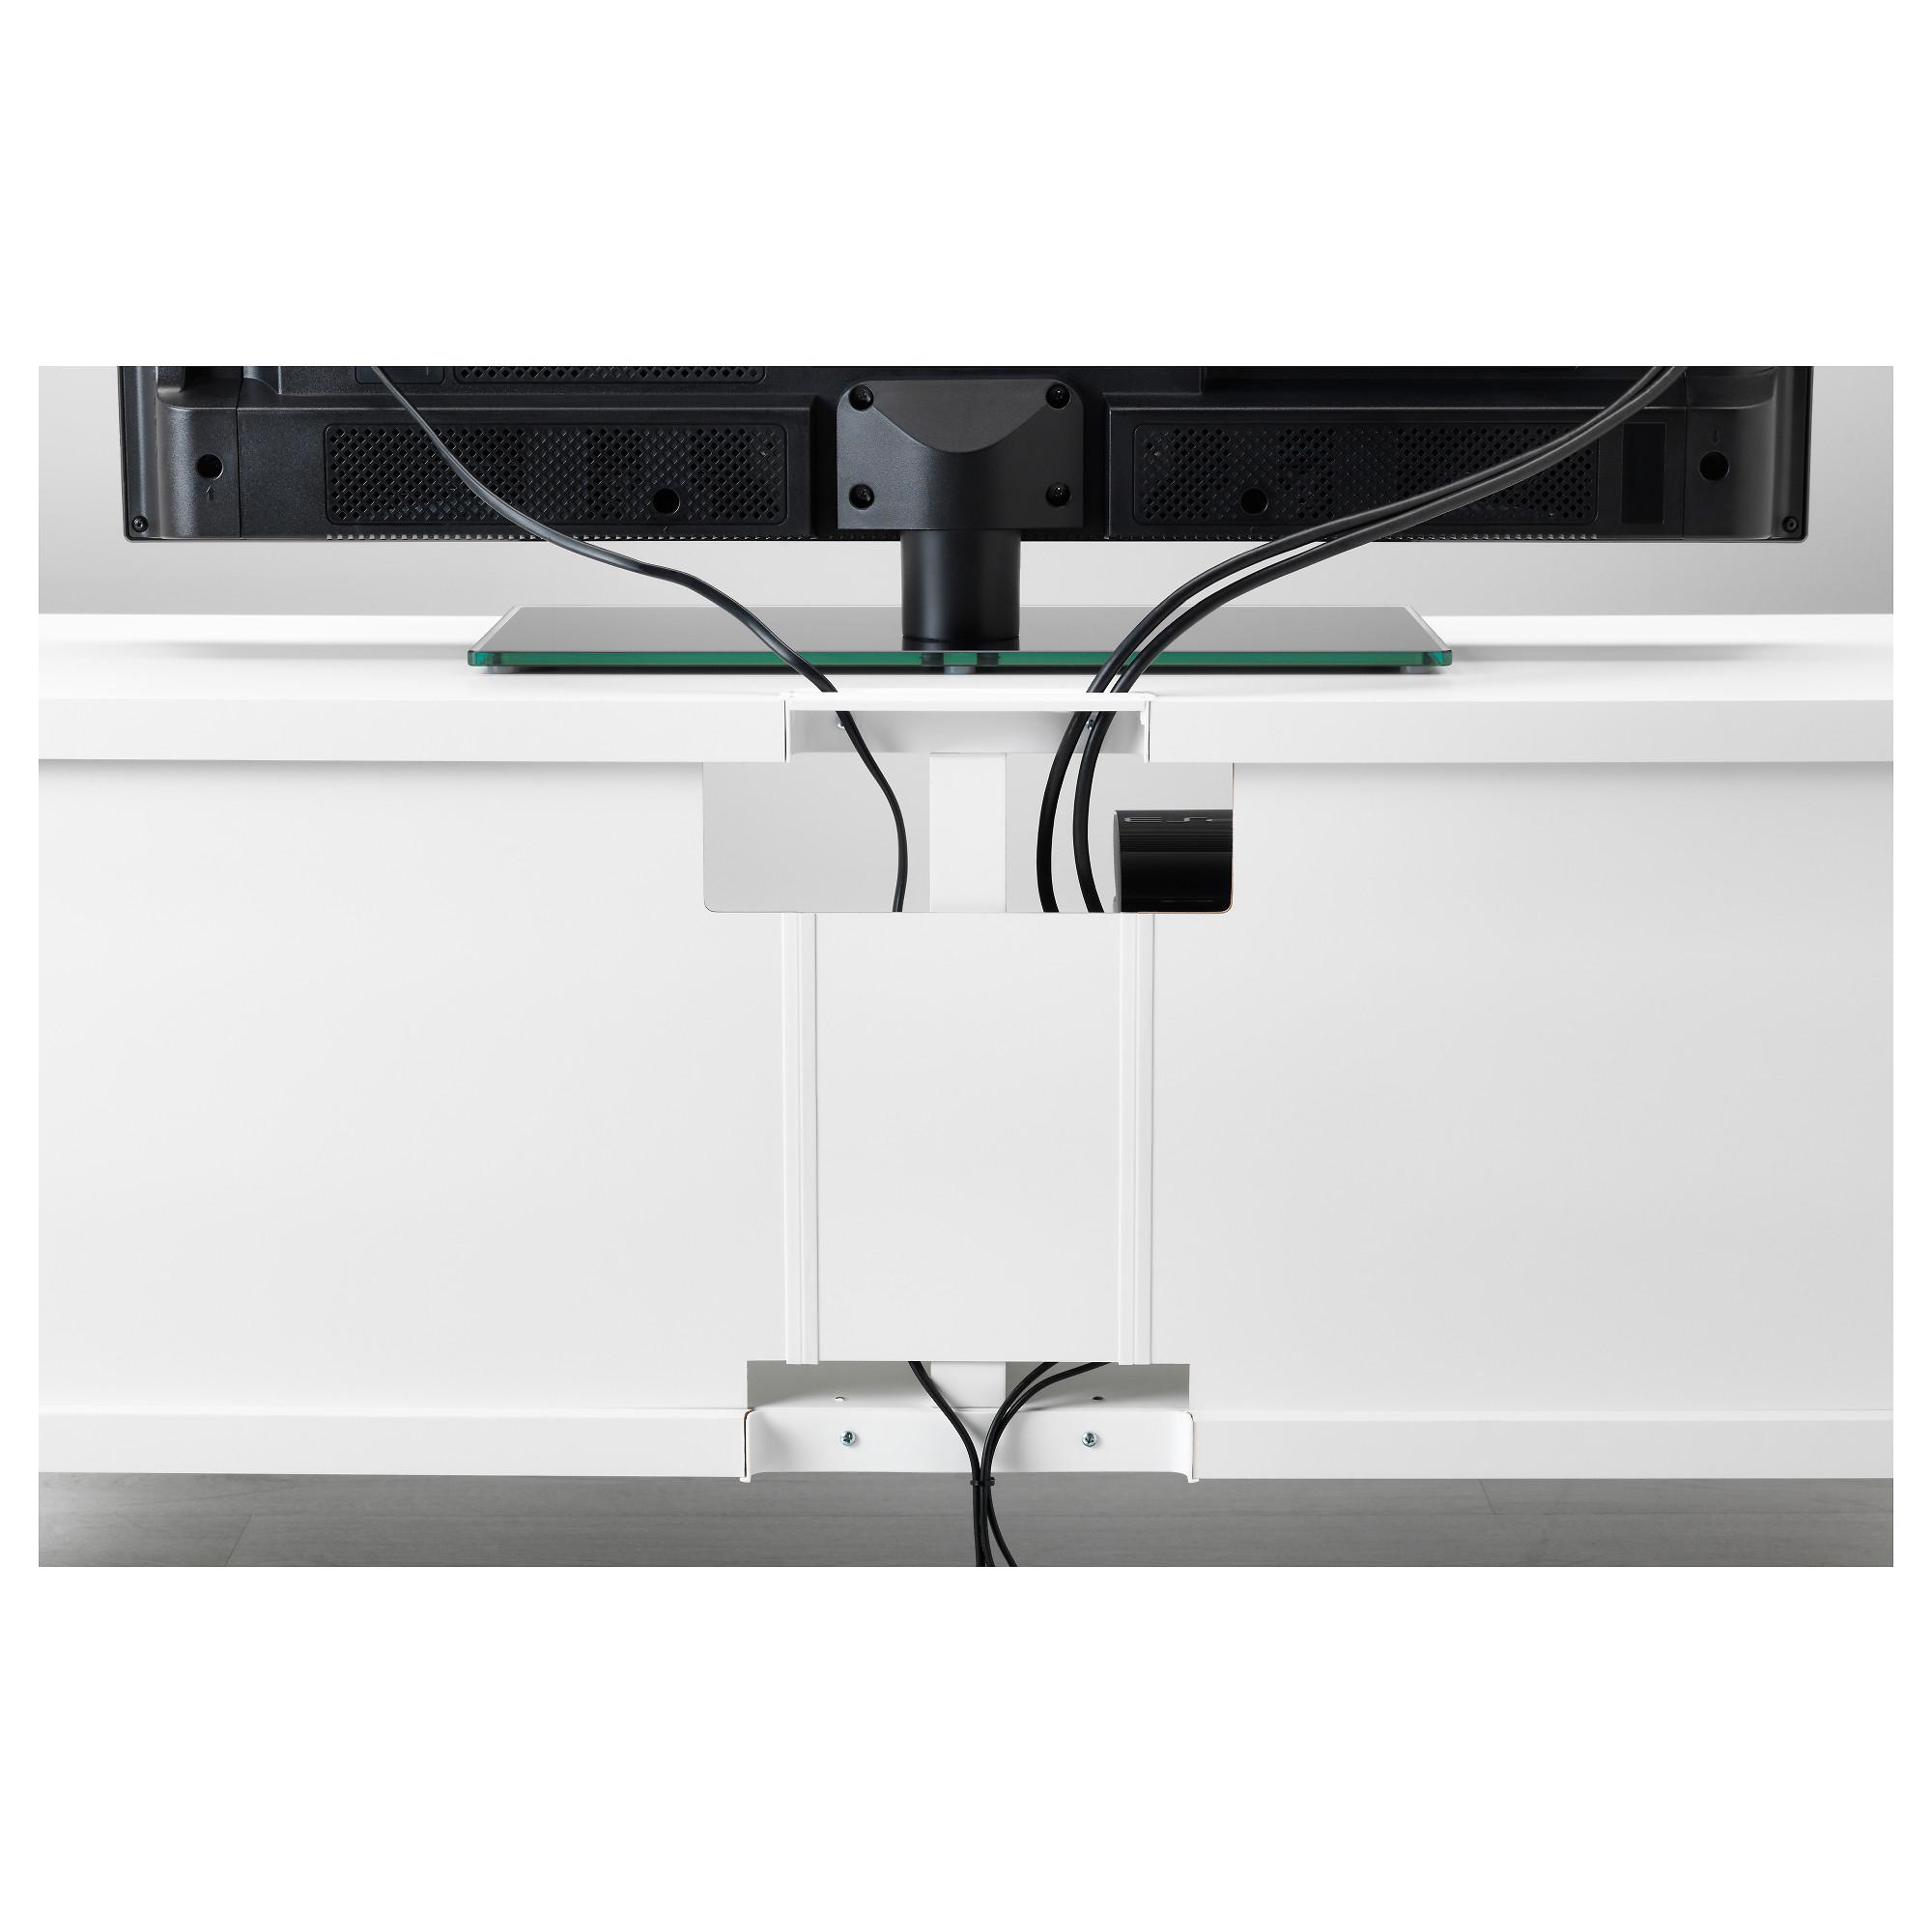 Шкаф для ТВ, комбинация БЕСТО сине-зеленый артикуль № 192.761.26 в наличии. Онлайн сайт ИКЕА Беларусь. Быстрая доставка и установка.